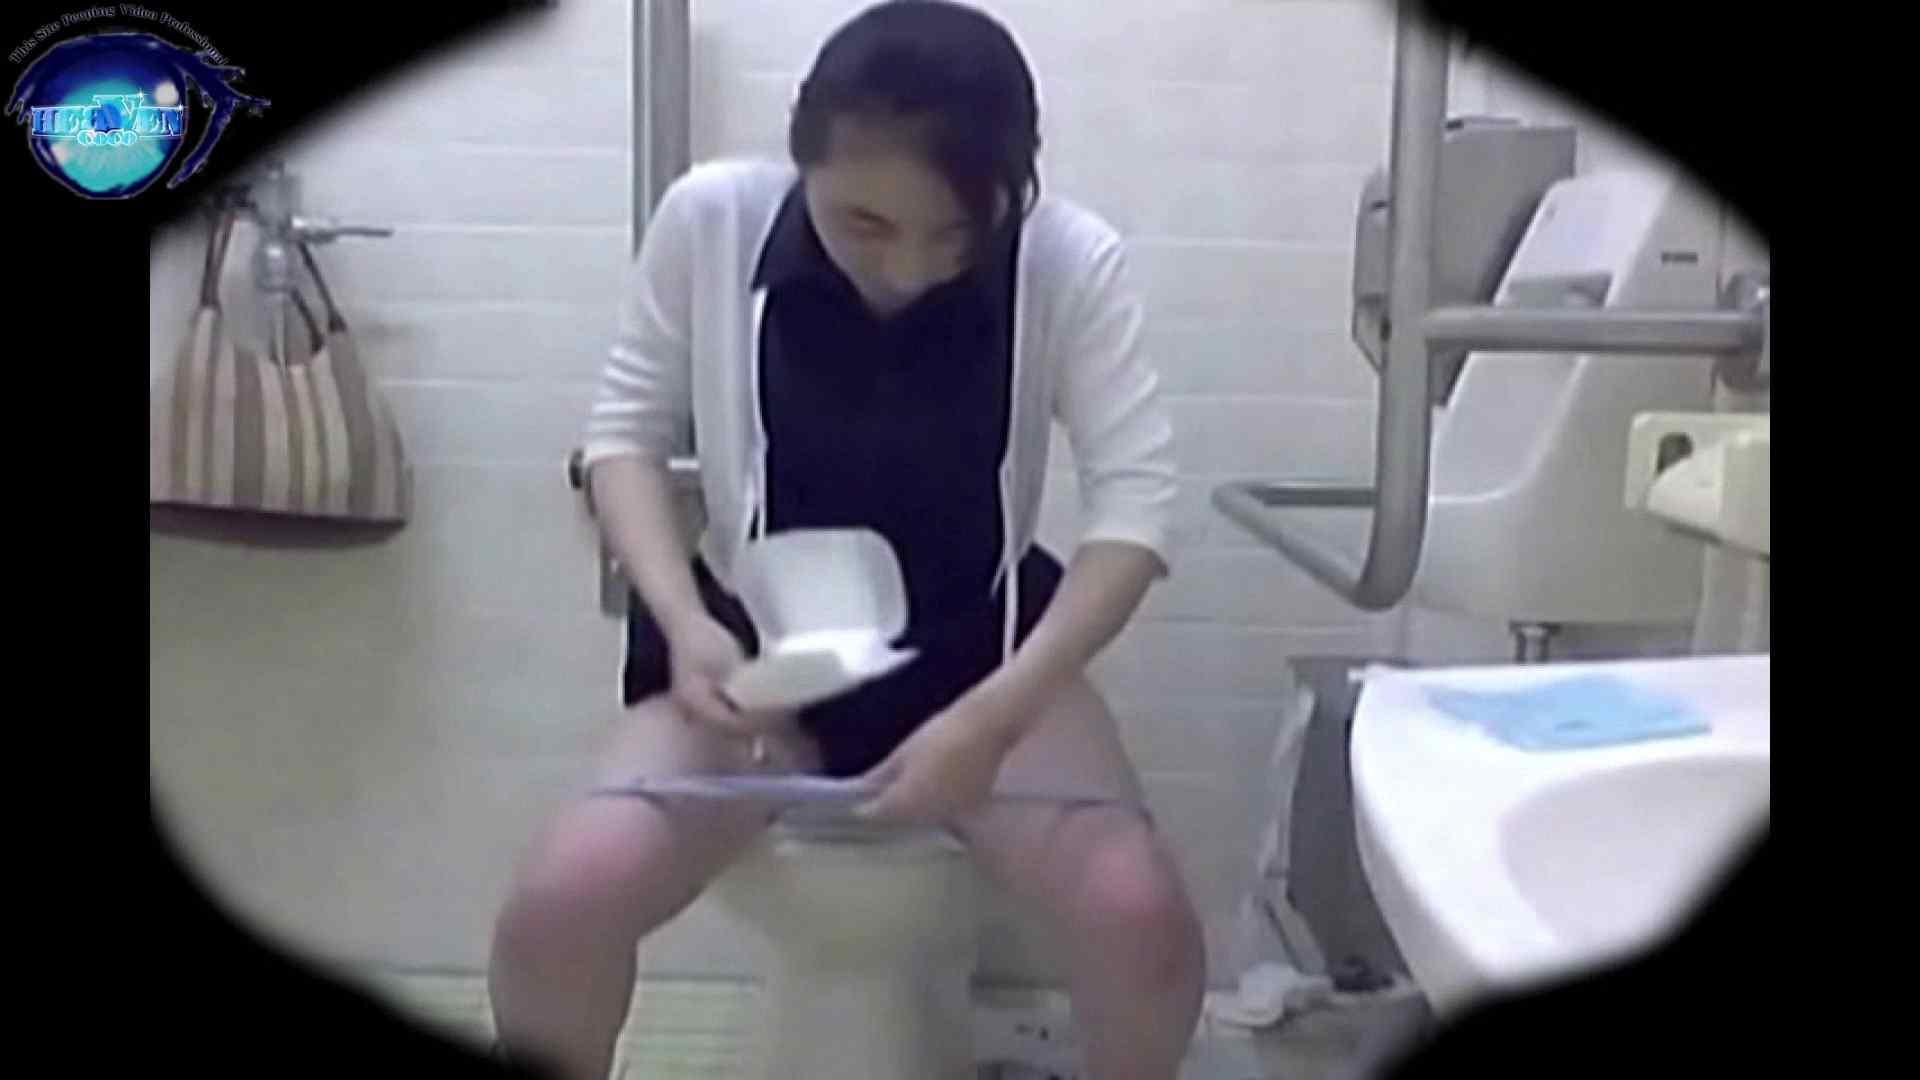 teen galトイレ覗き紙がナイ編‼vol.14 トイレ | 覗き 盗撮 77PIX 64